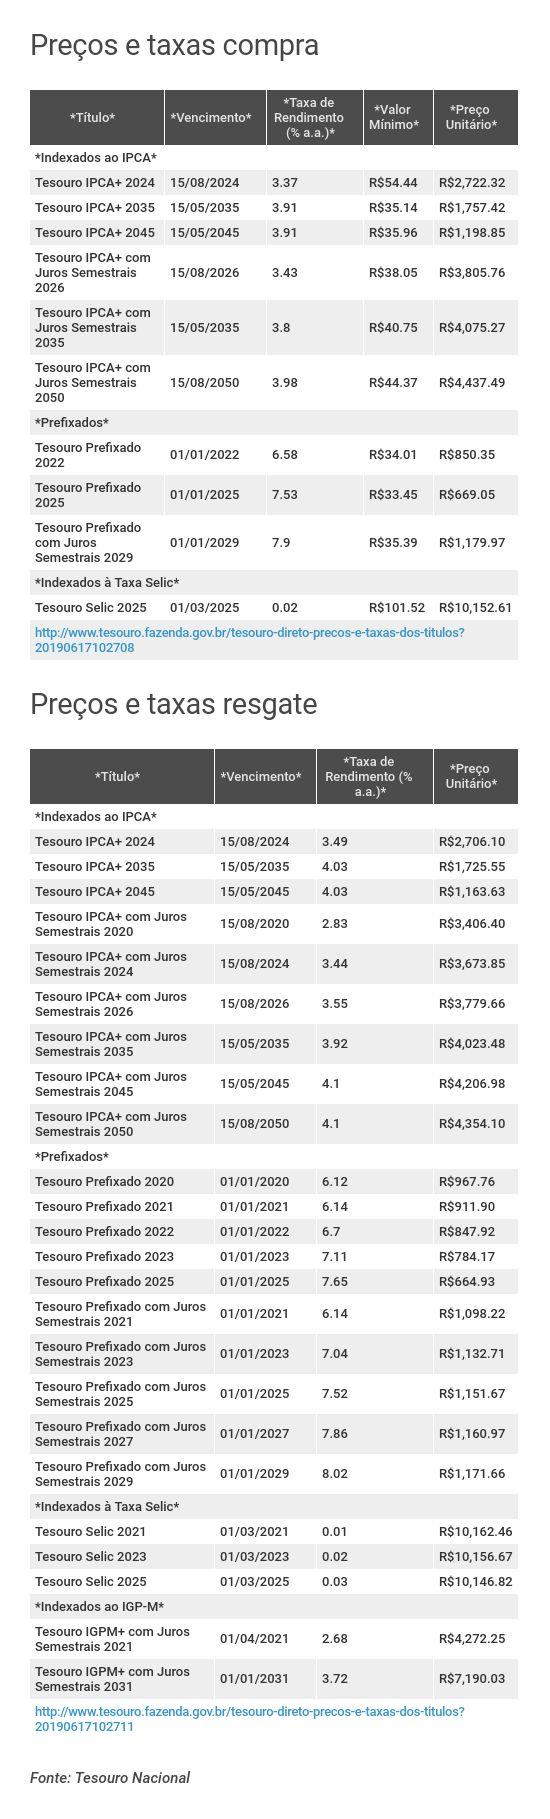 Preços e taxas do Tesouro Direto em 14 de junho de 2019 - fechamento